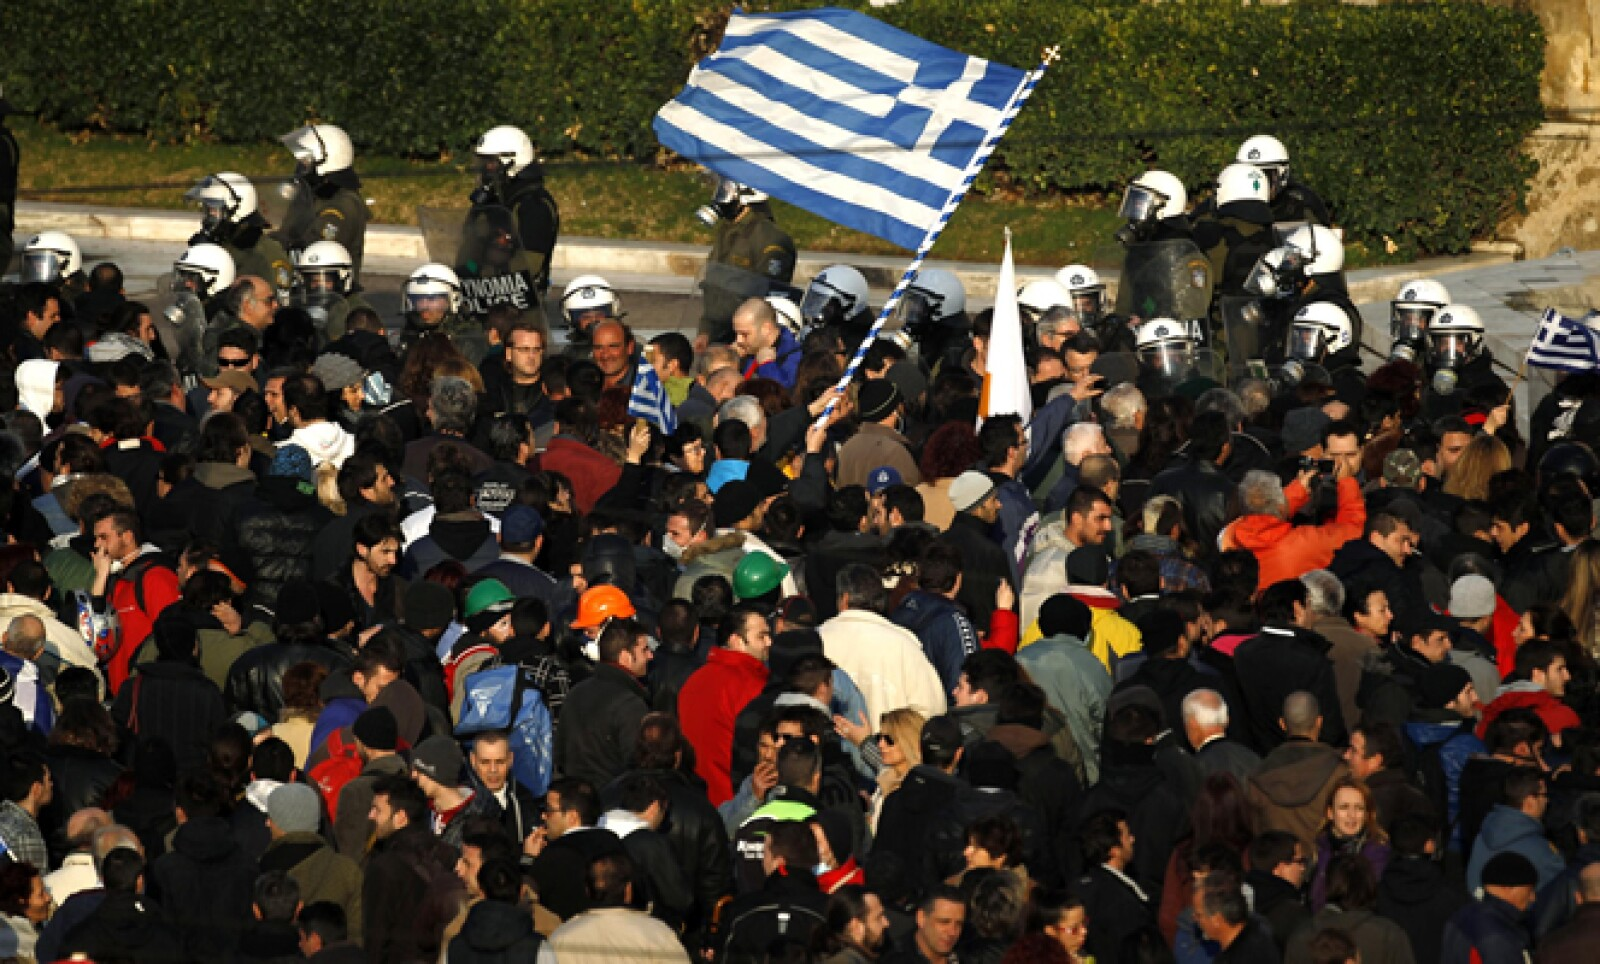 La mayor economía de la zona del euro aumentó la presión este domingo sobre Grecia al decir que el bloque necesitaba acciones, no palabras de Gobierno heleno.